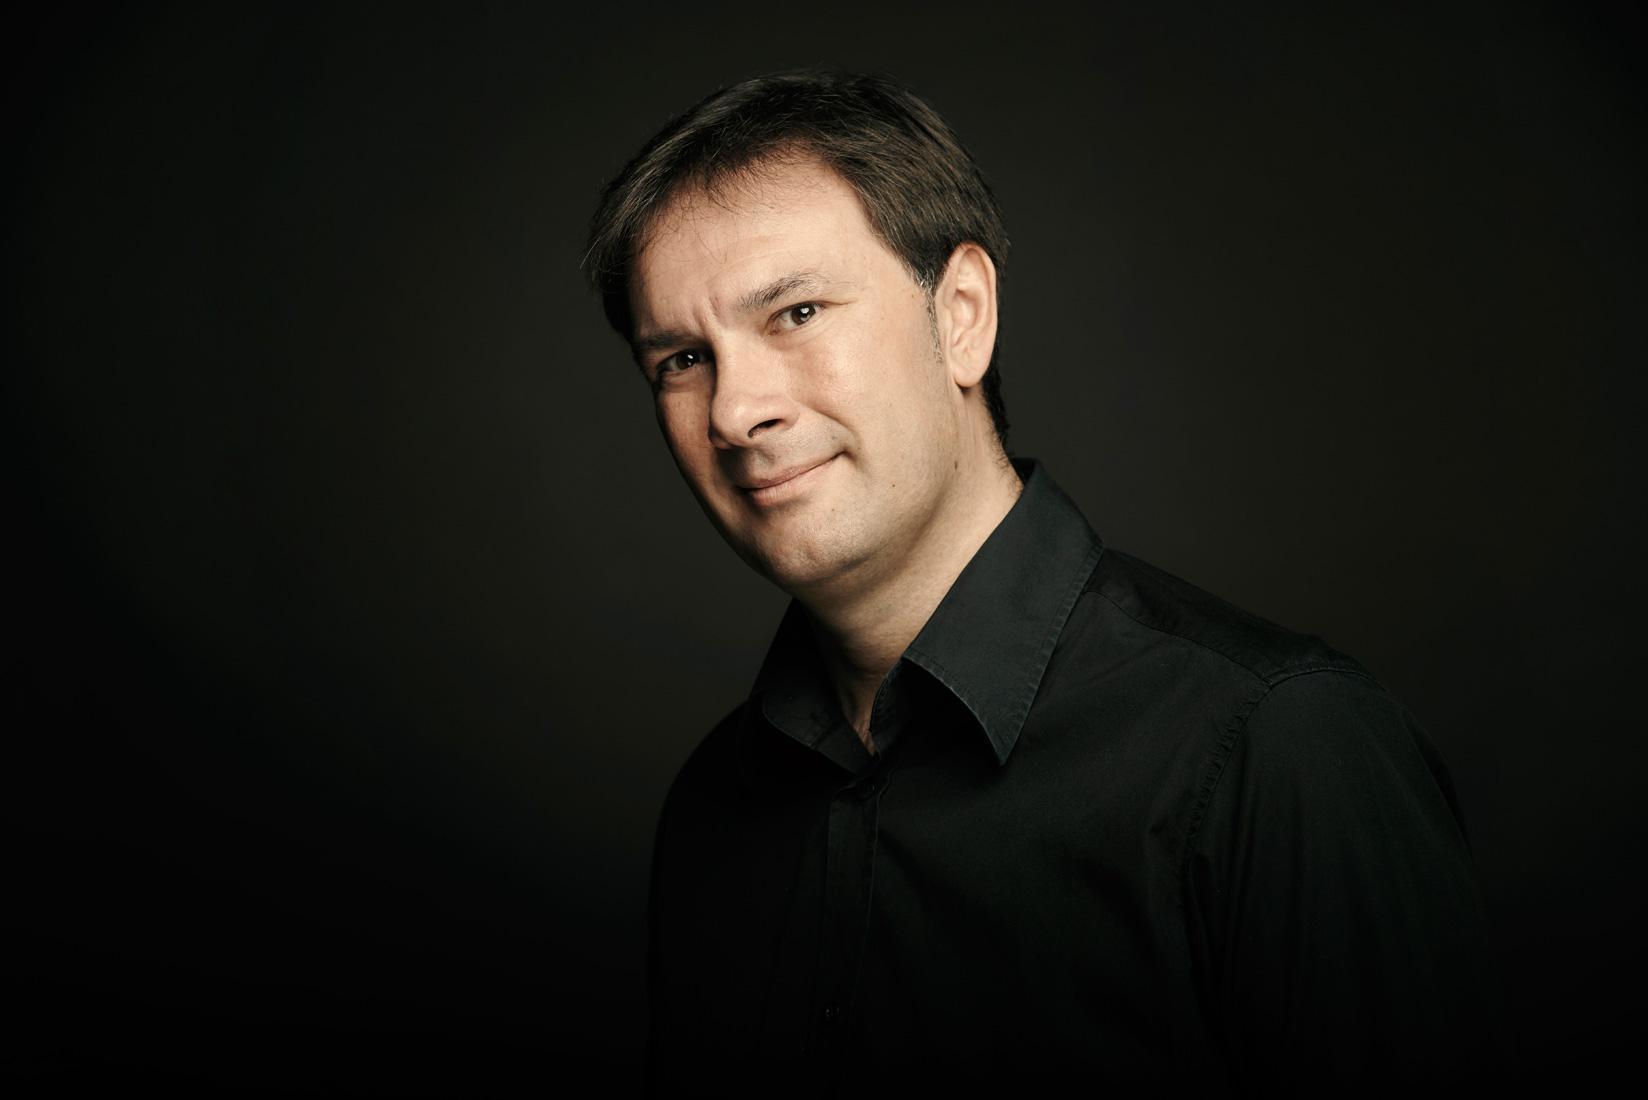 Bernardo Verde Navarro